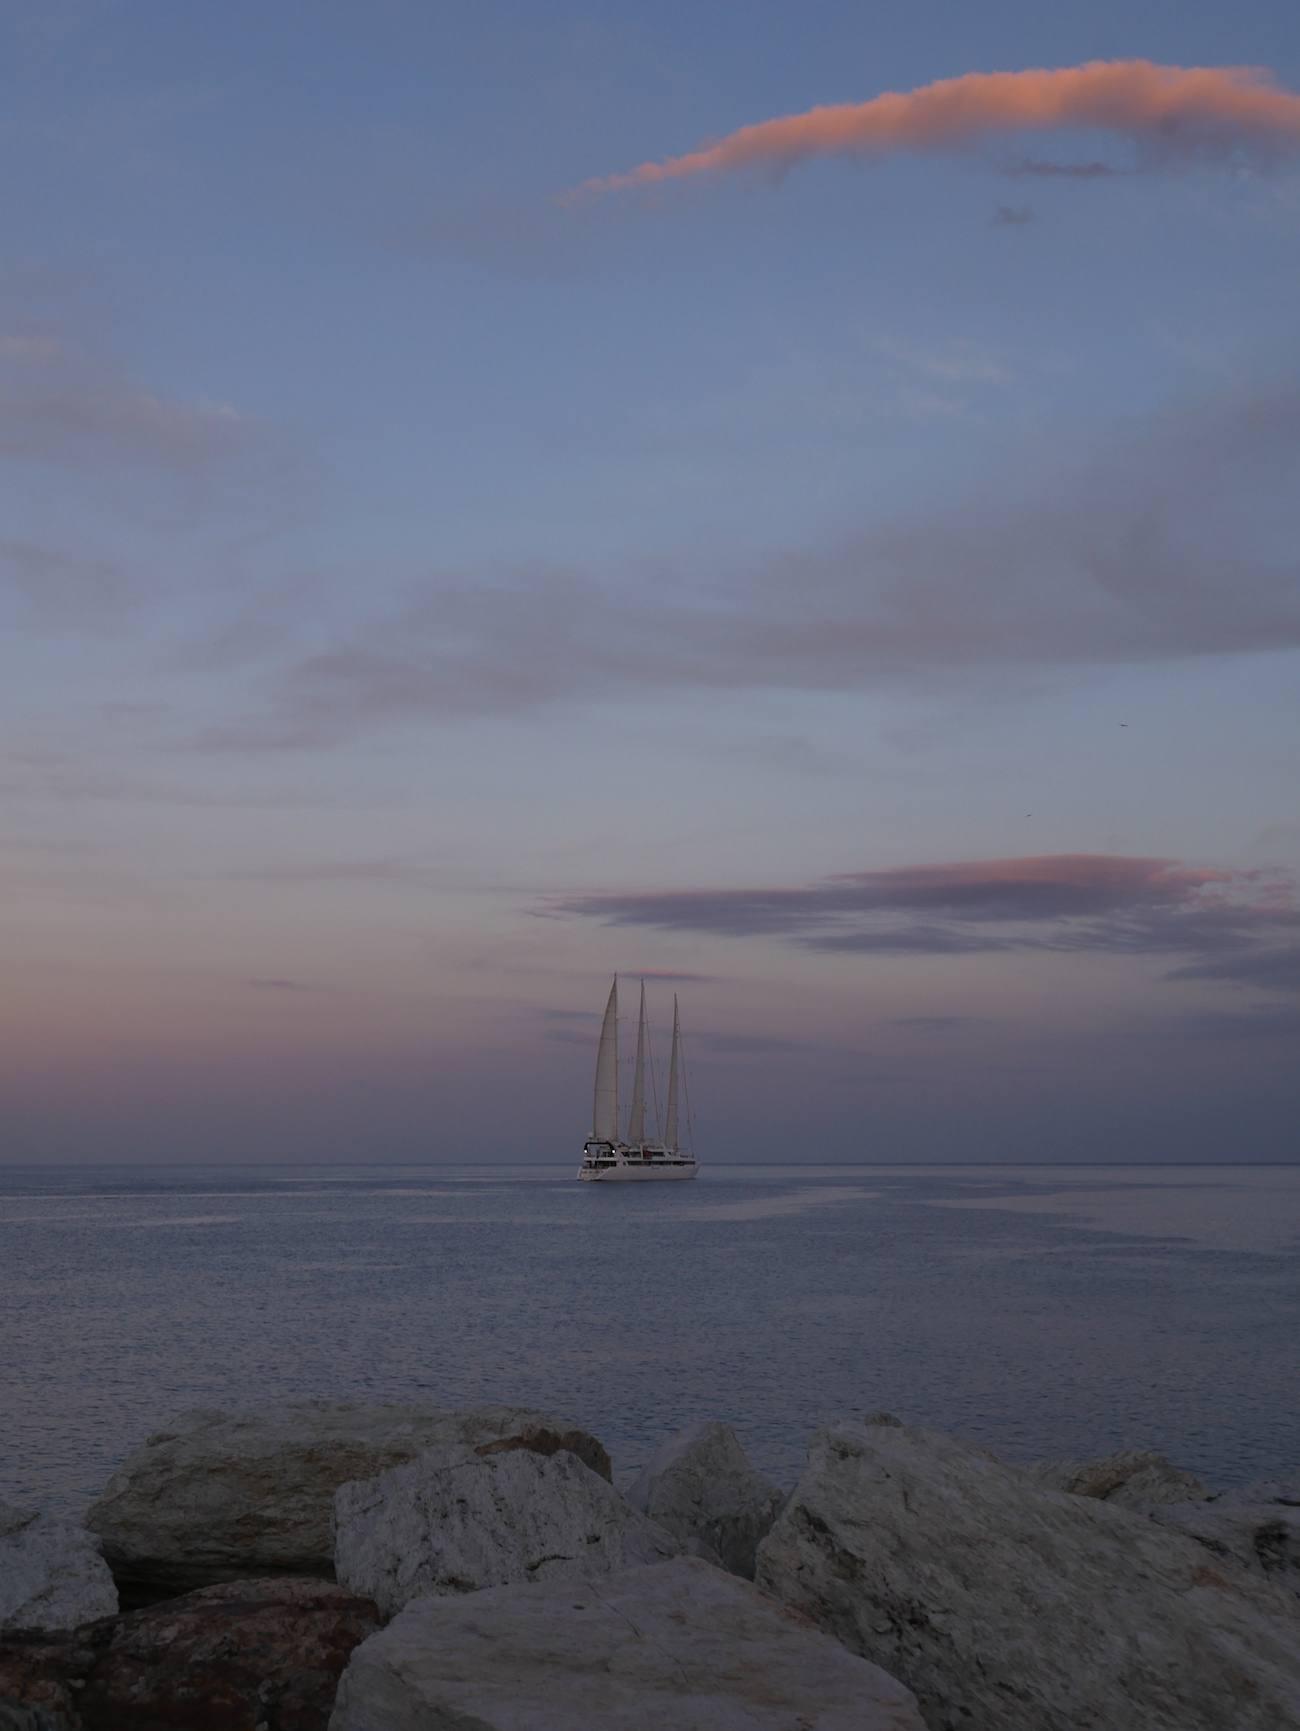 Corse - Road trip bonnes adresses - Blog Voyage nantes 20